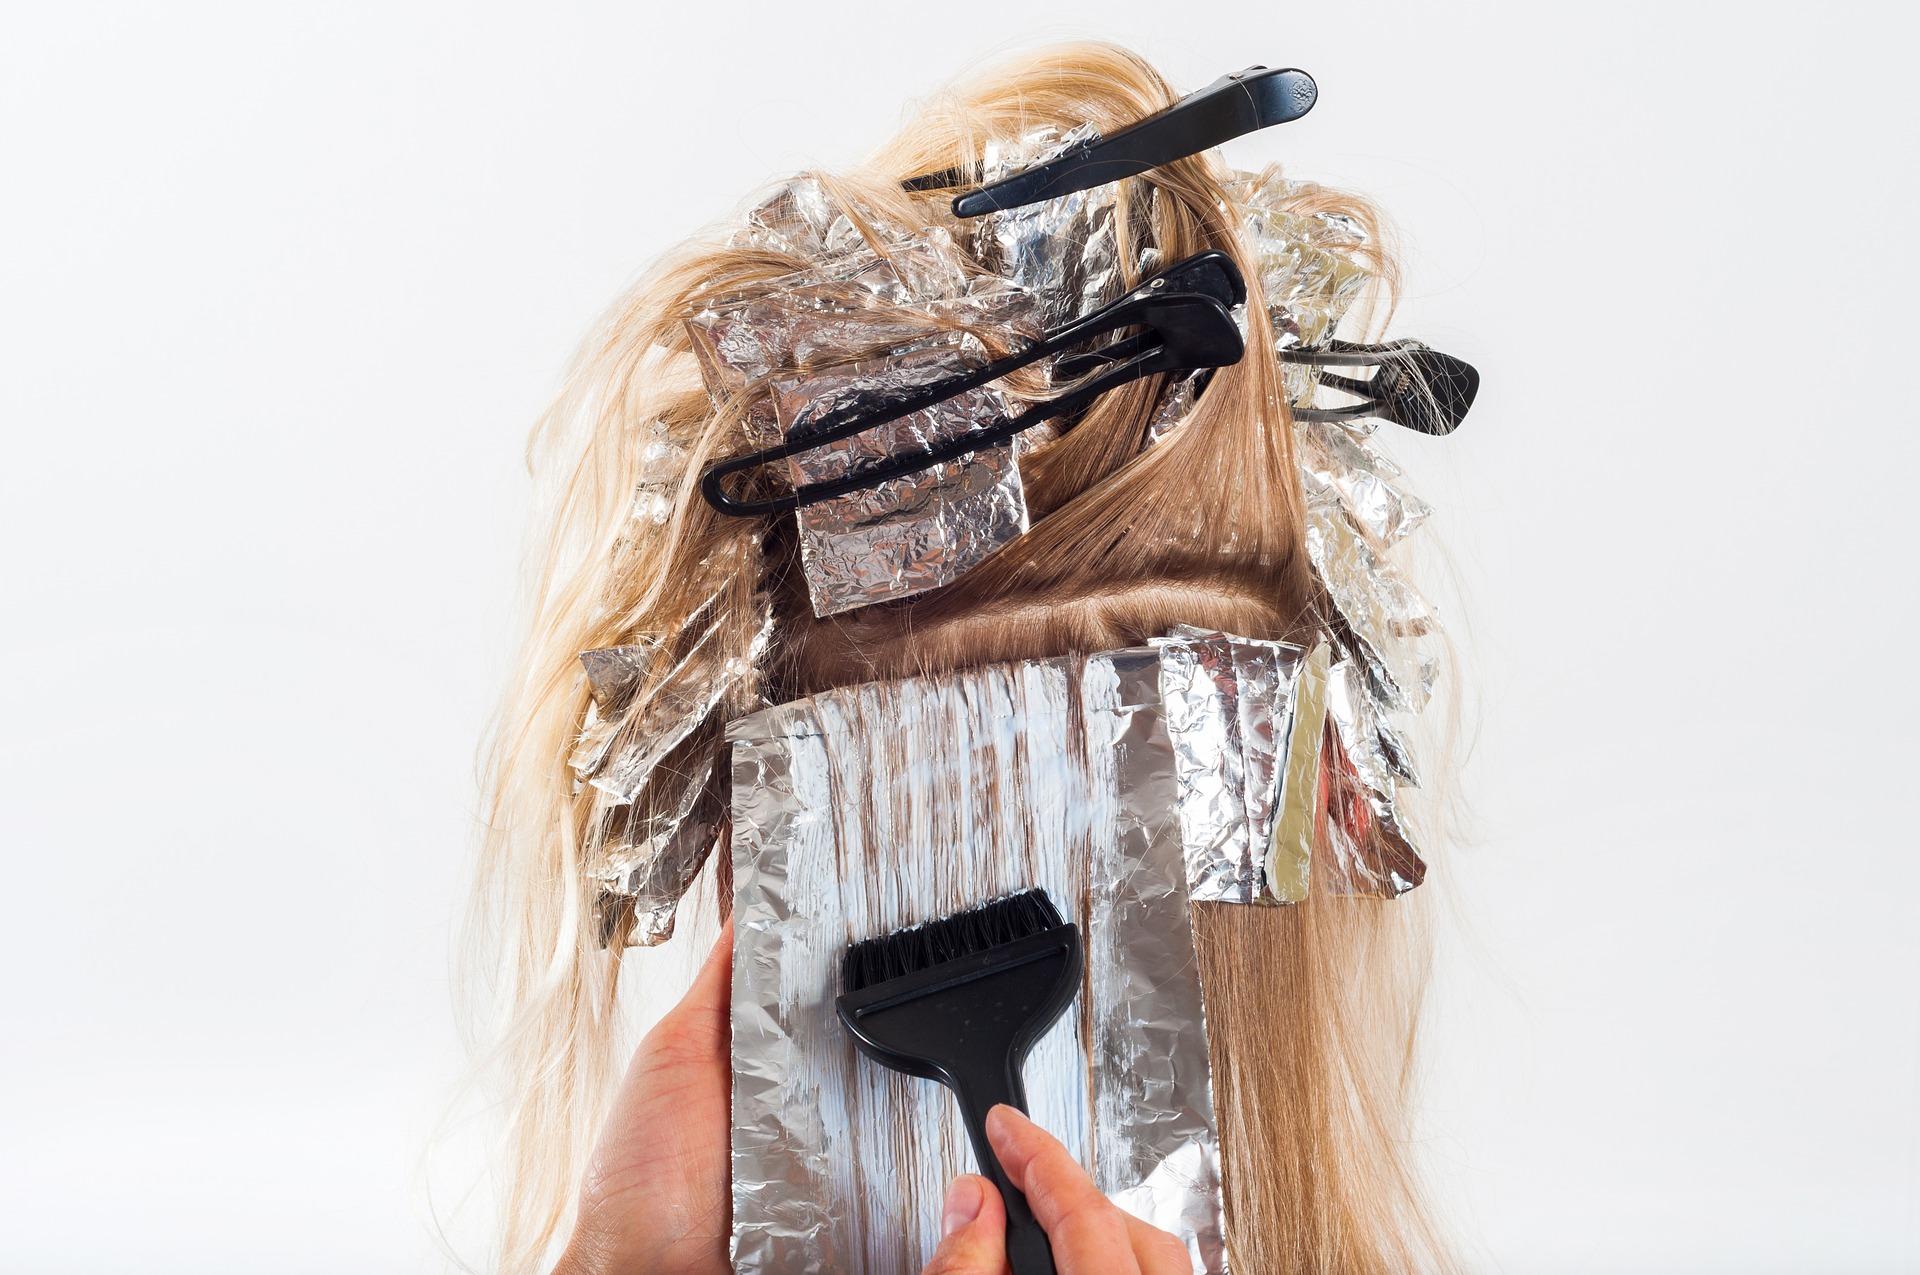 farbowanie włosów farbami fryzjerskimi